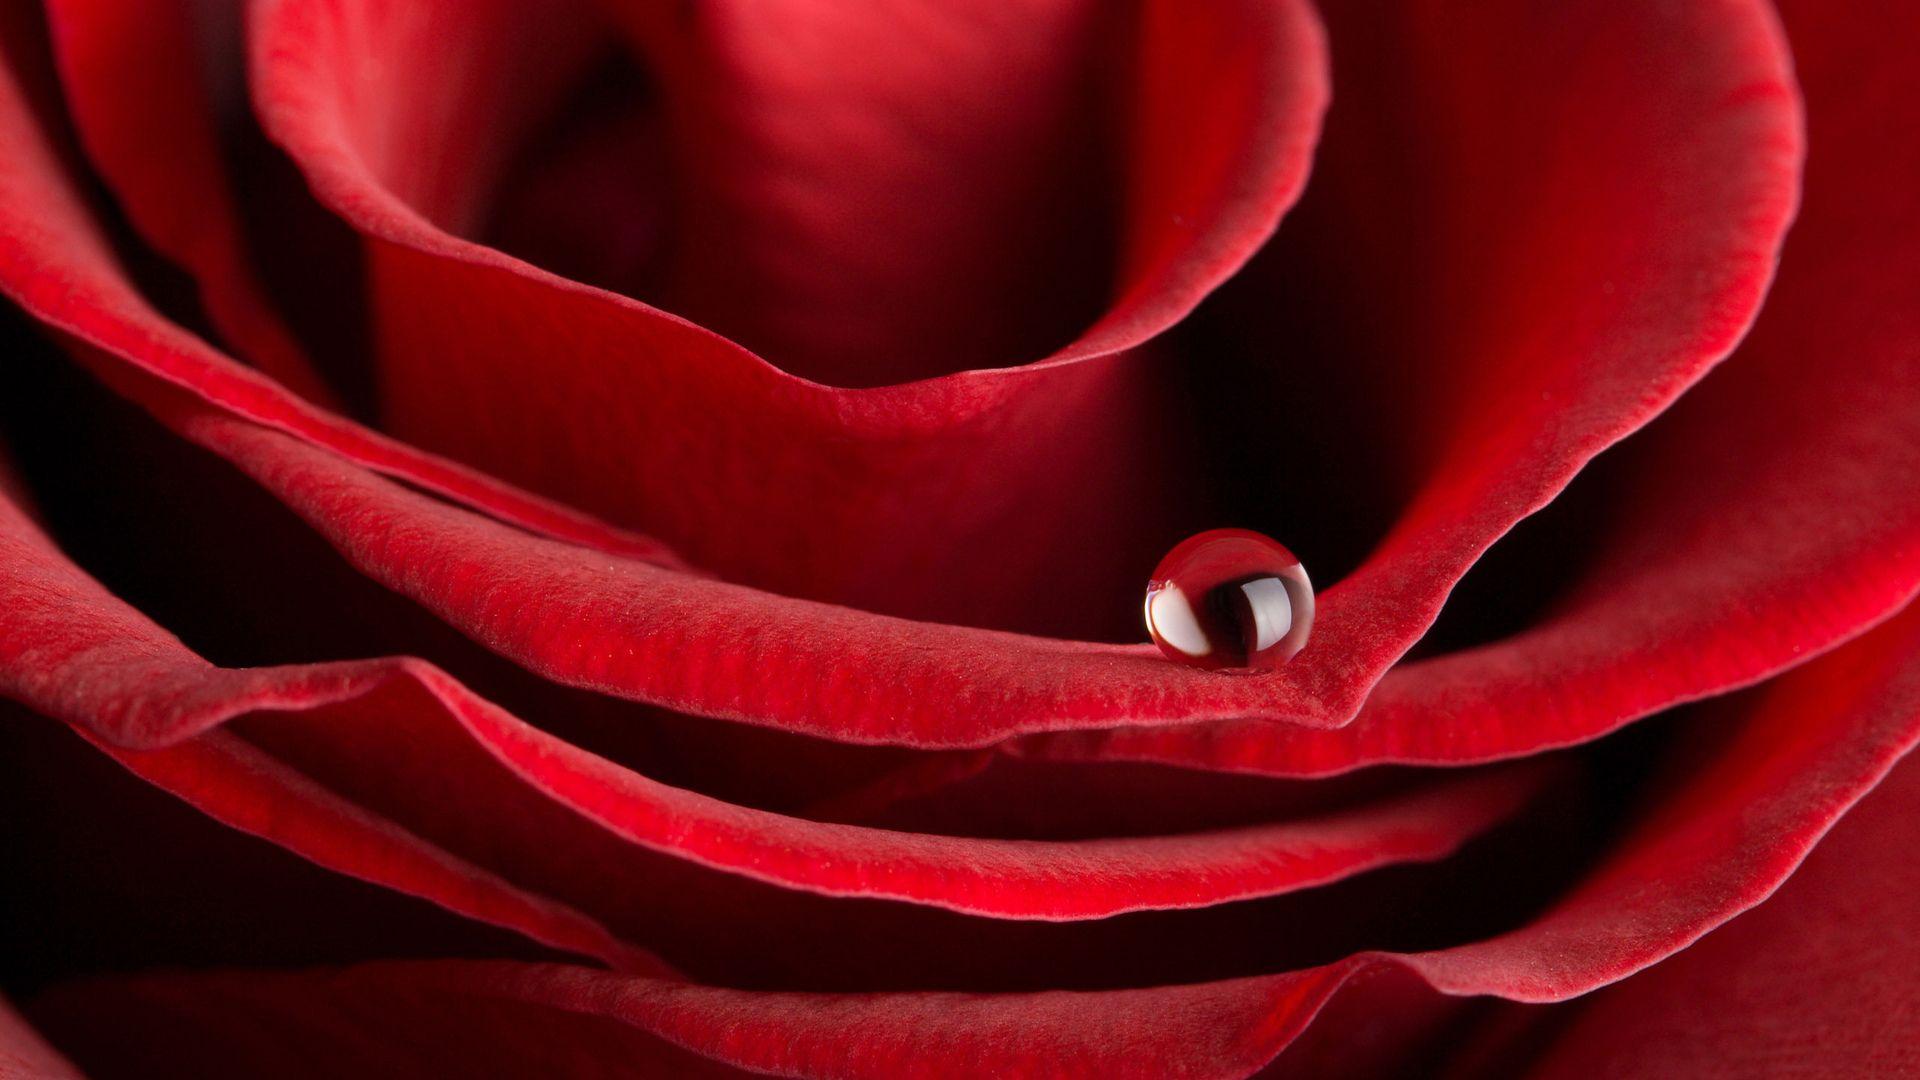 Beautiful Rose beautiful wallpaper